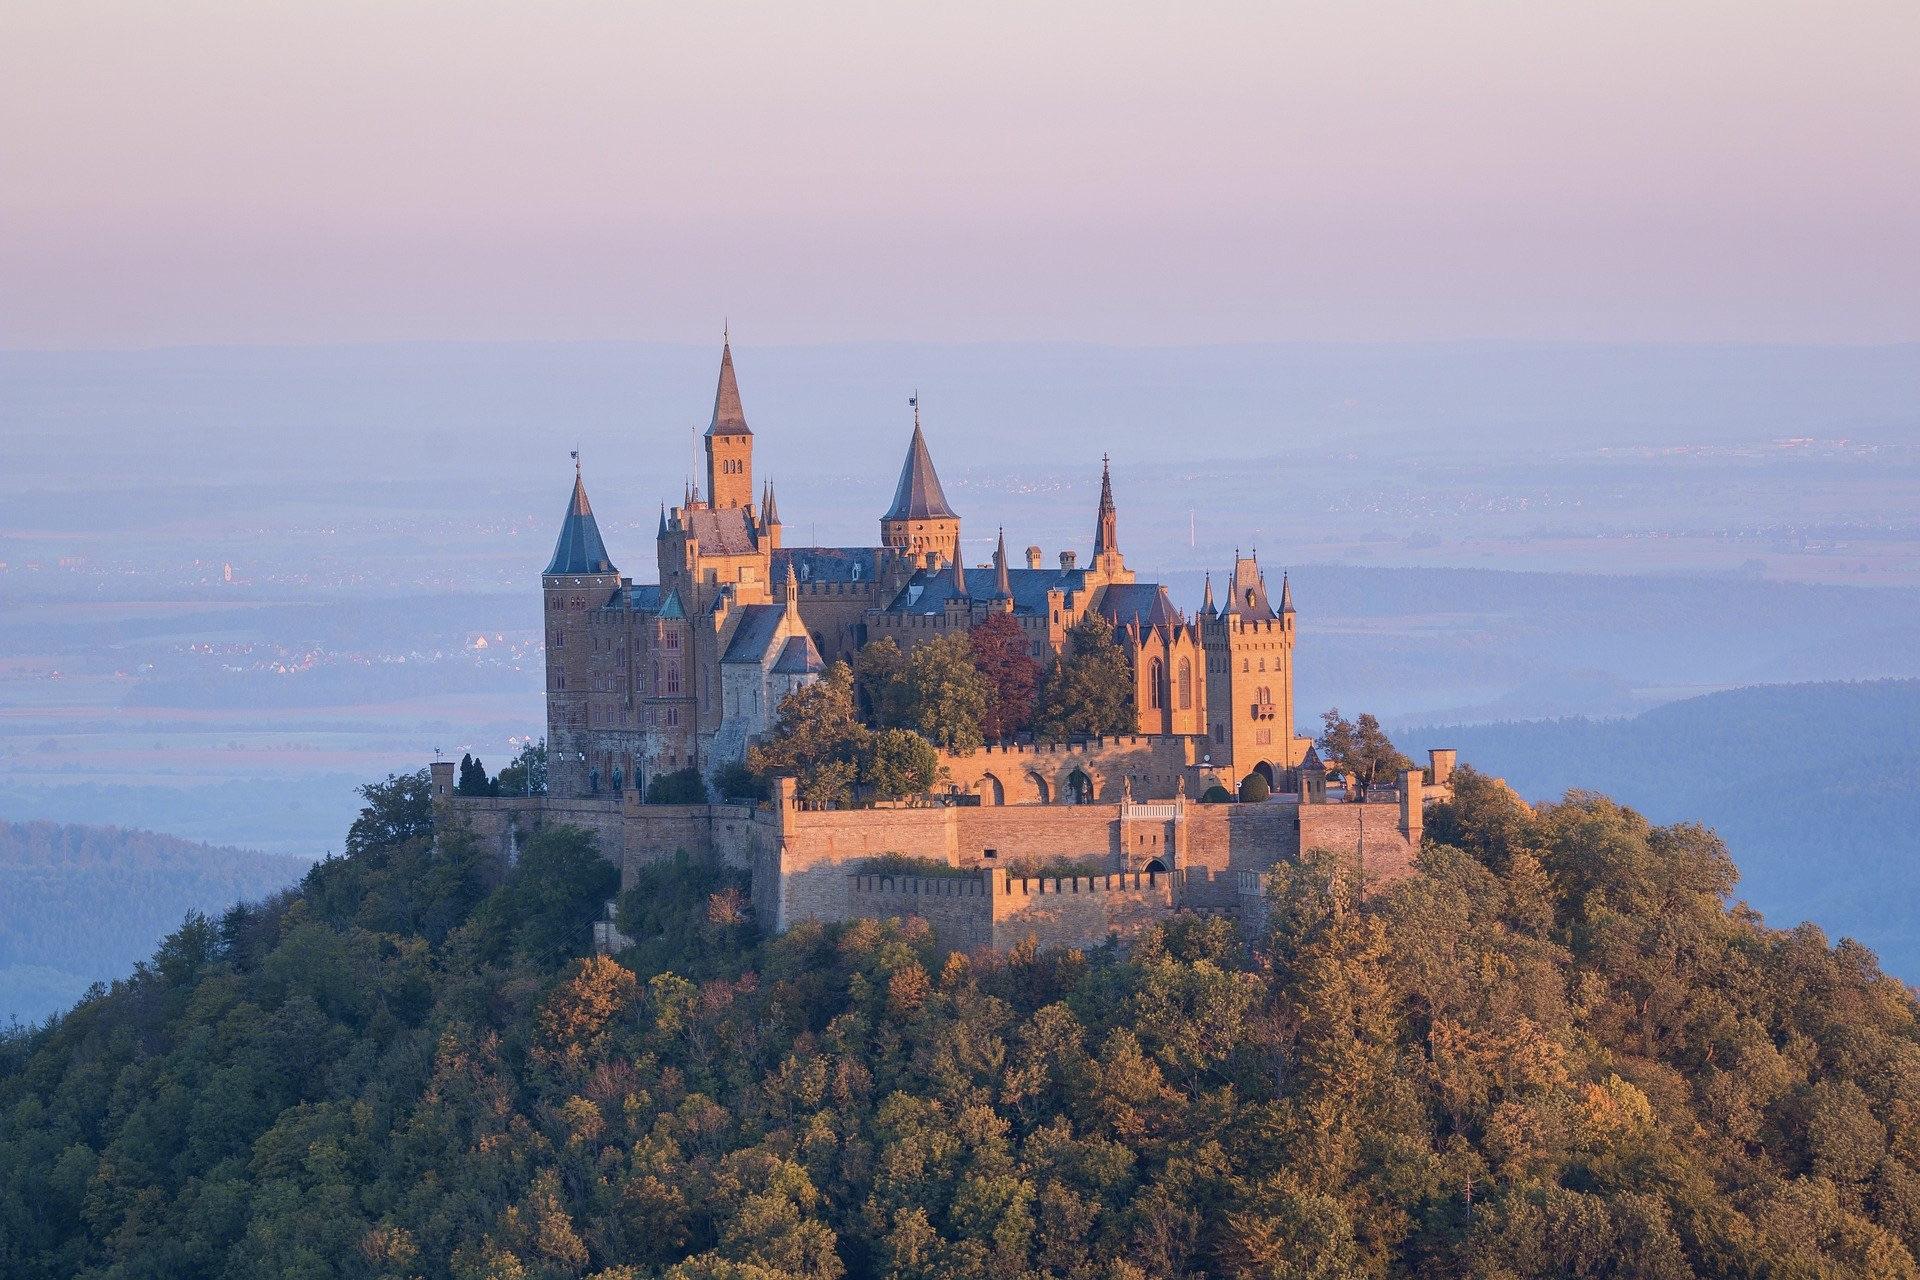 Die Burg Hohenzollern gehört zu den schönsten Deutschland Sehenswürdigkeiten